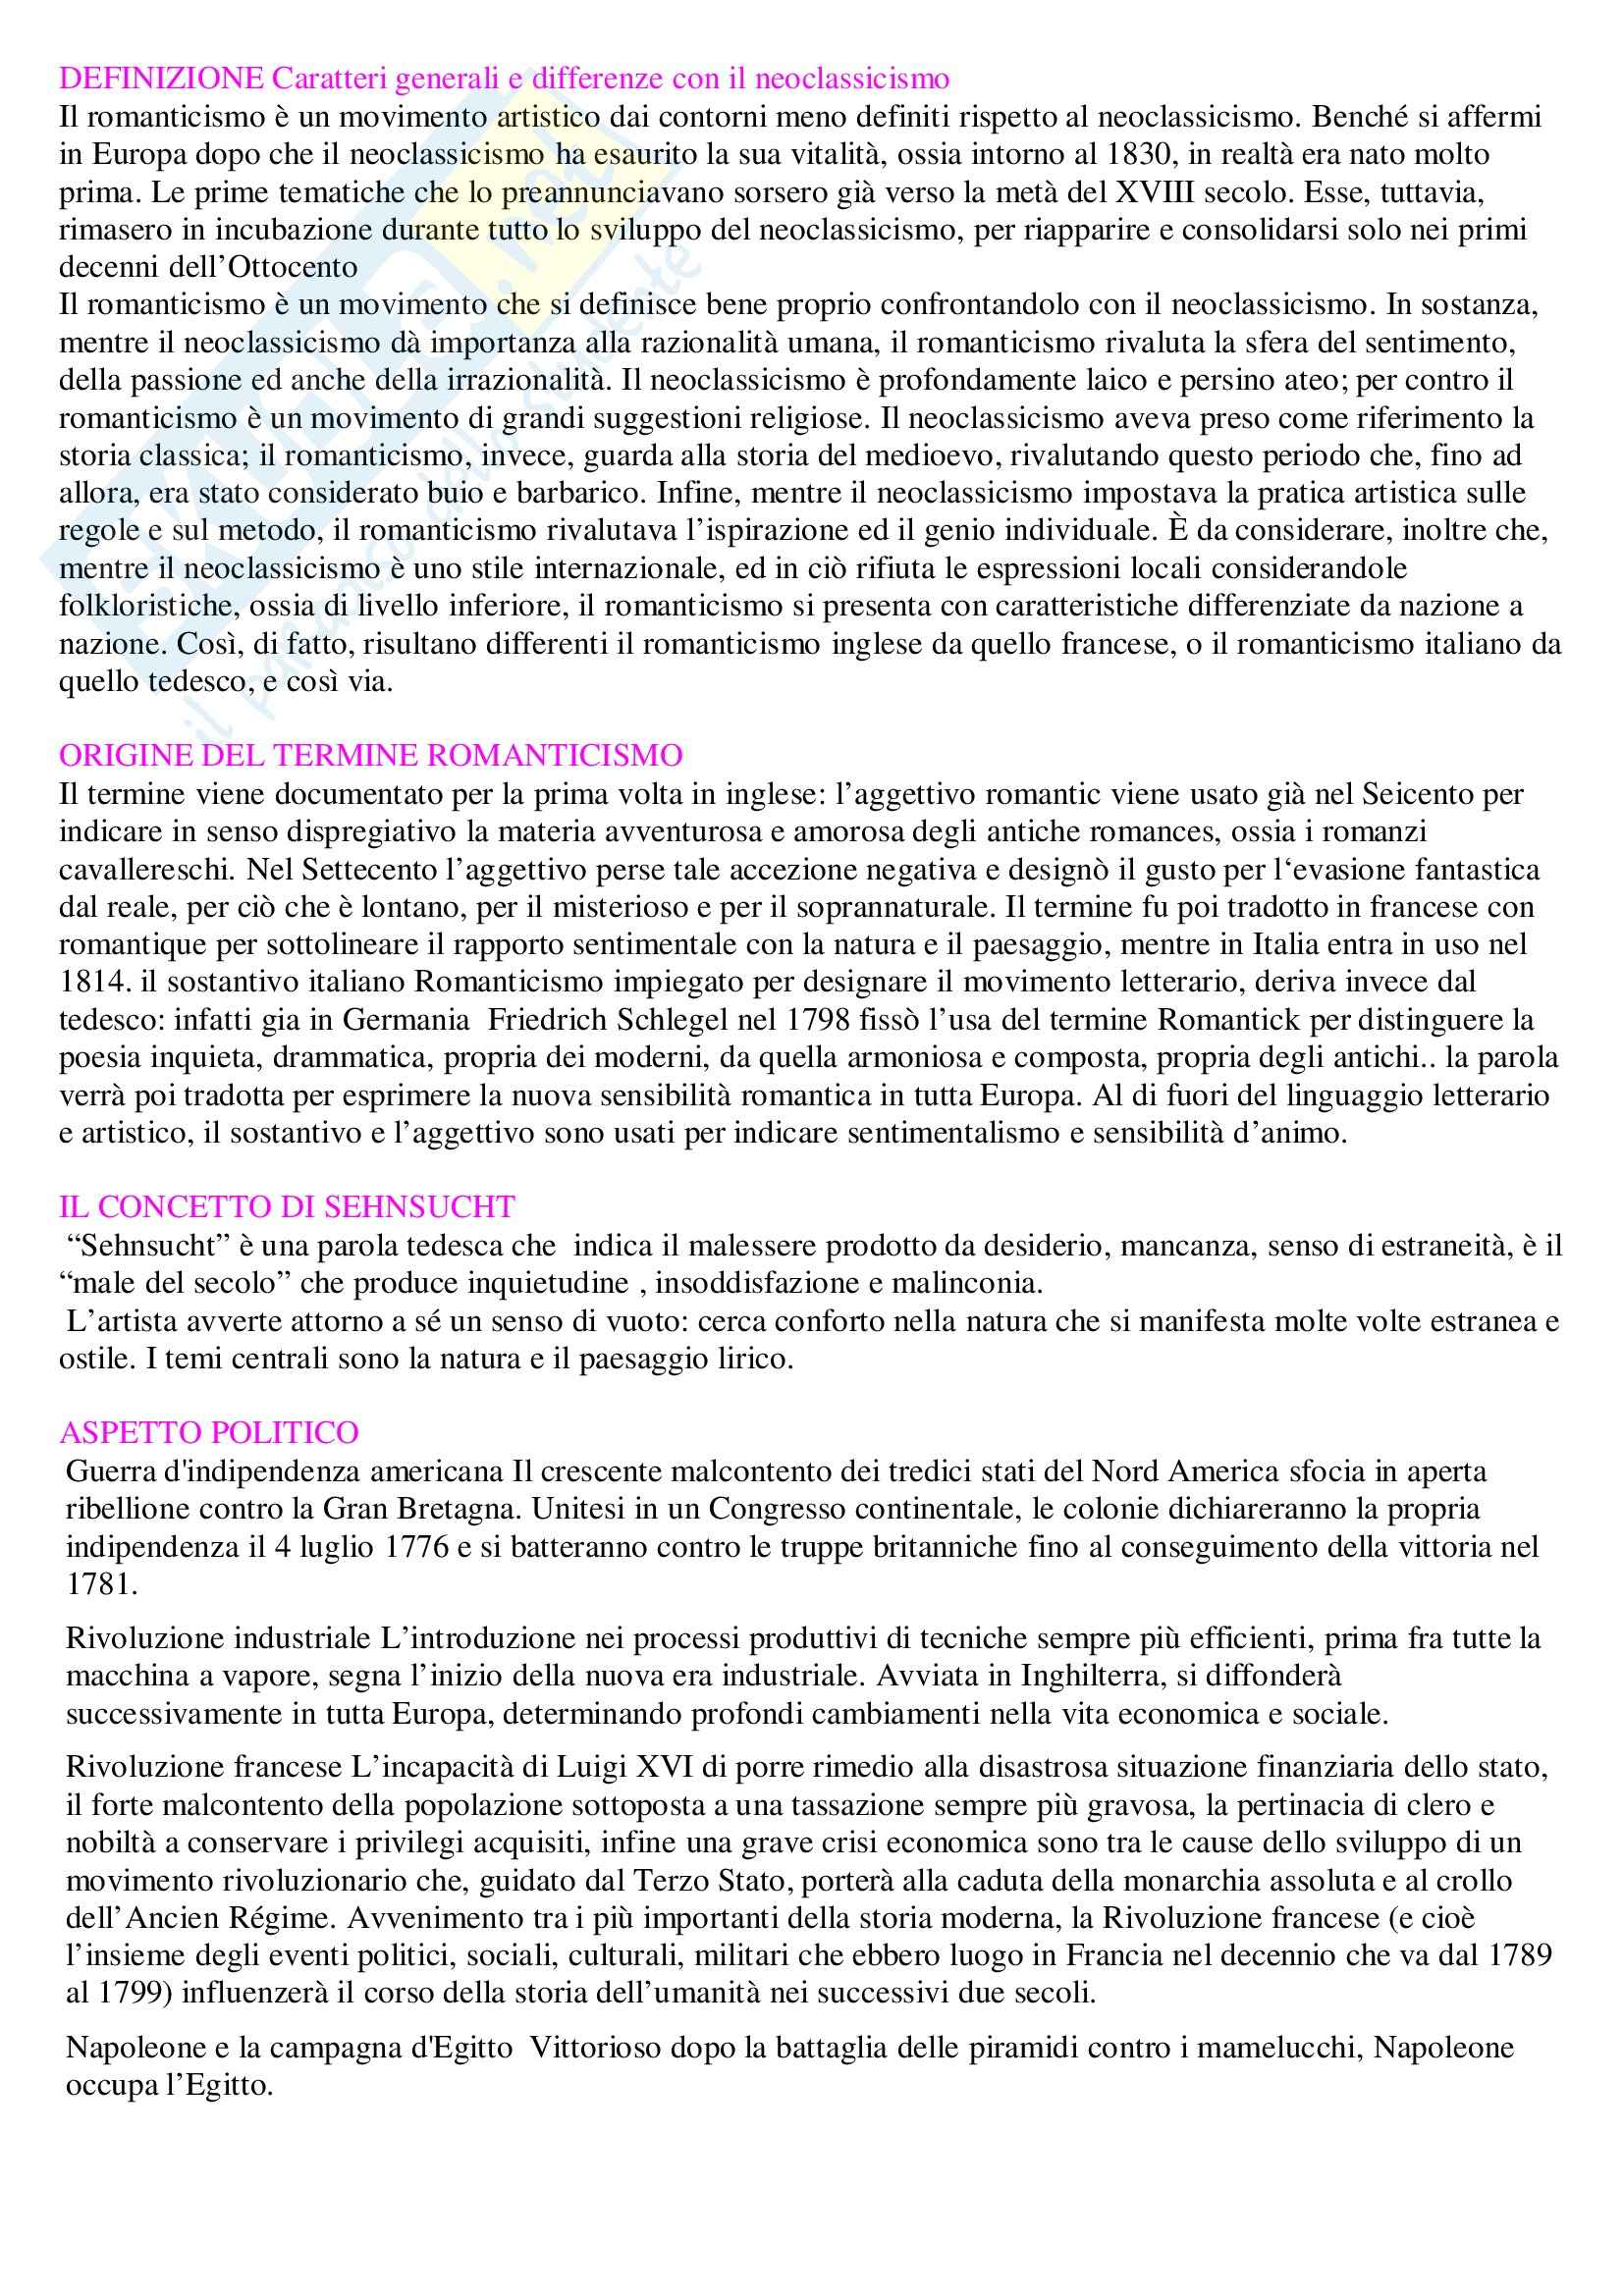 Romanticismo - Appunti